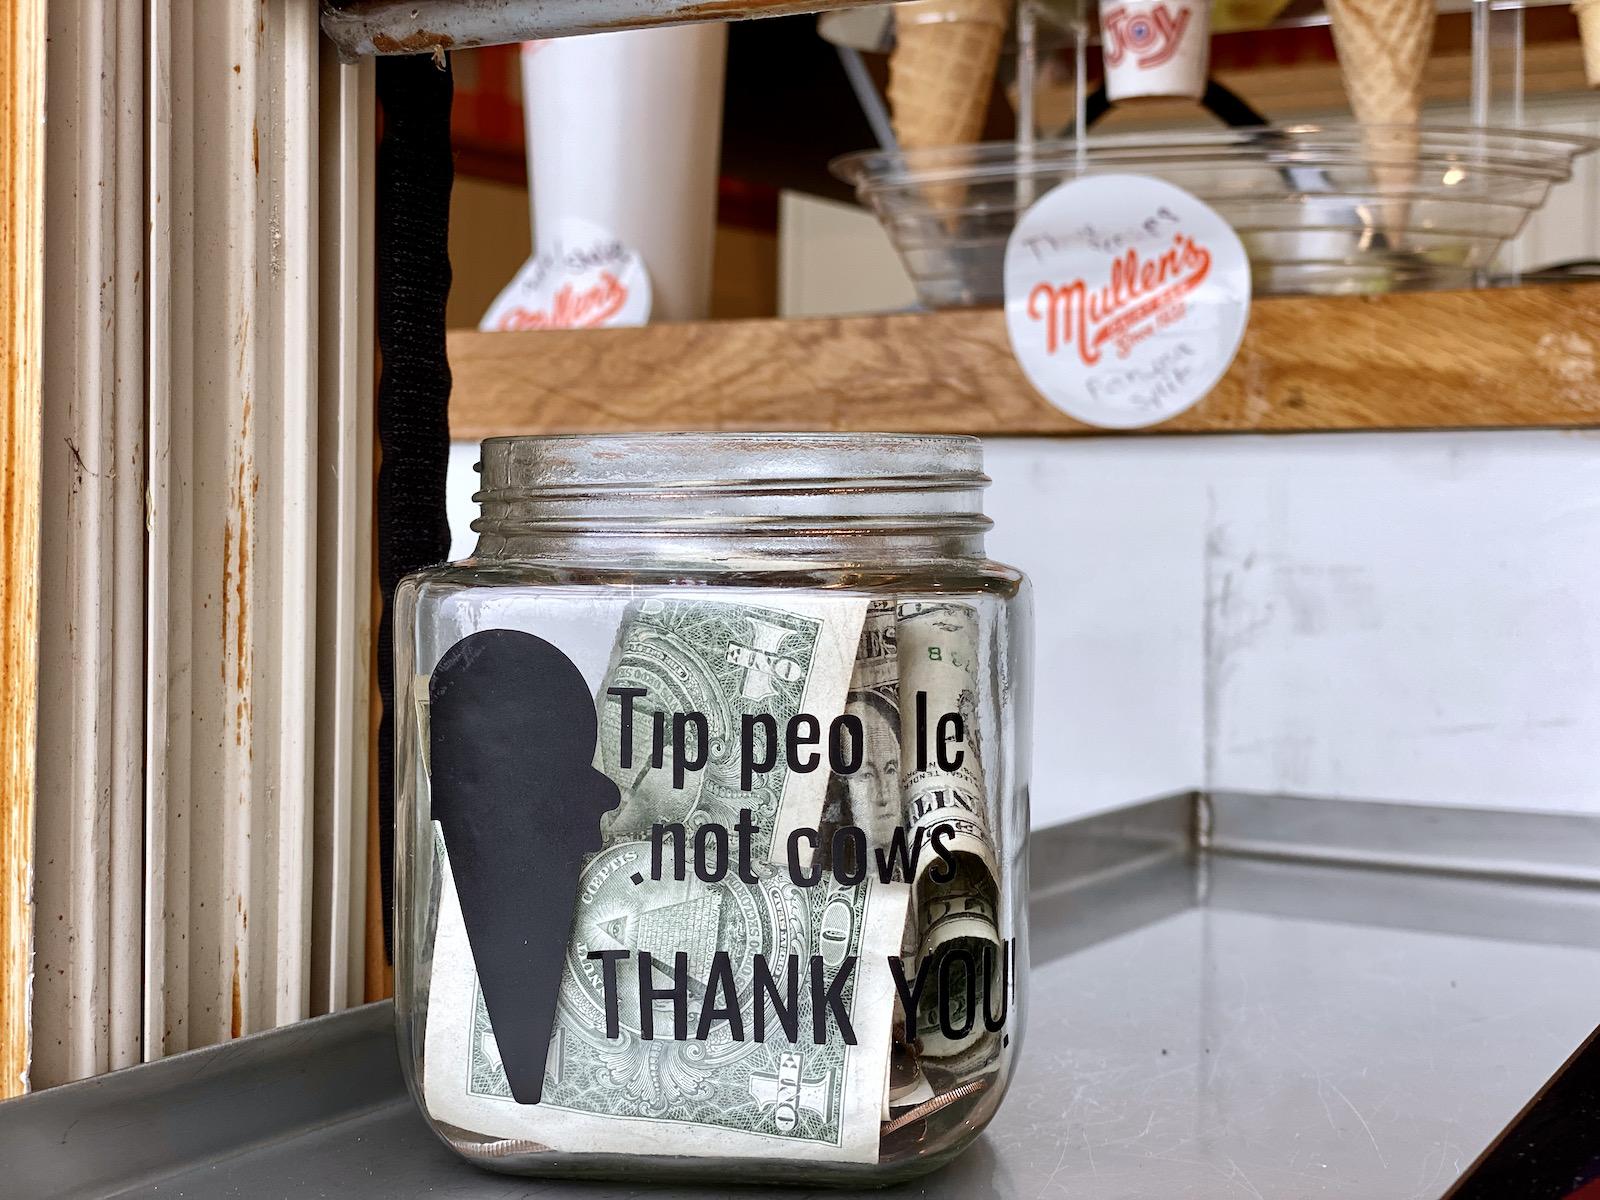 Tip people not cows tip jar